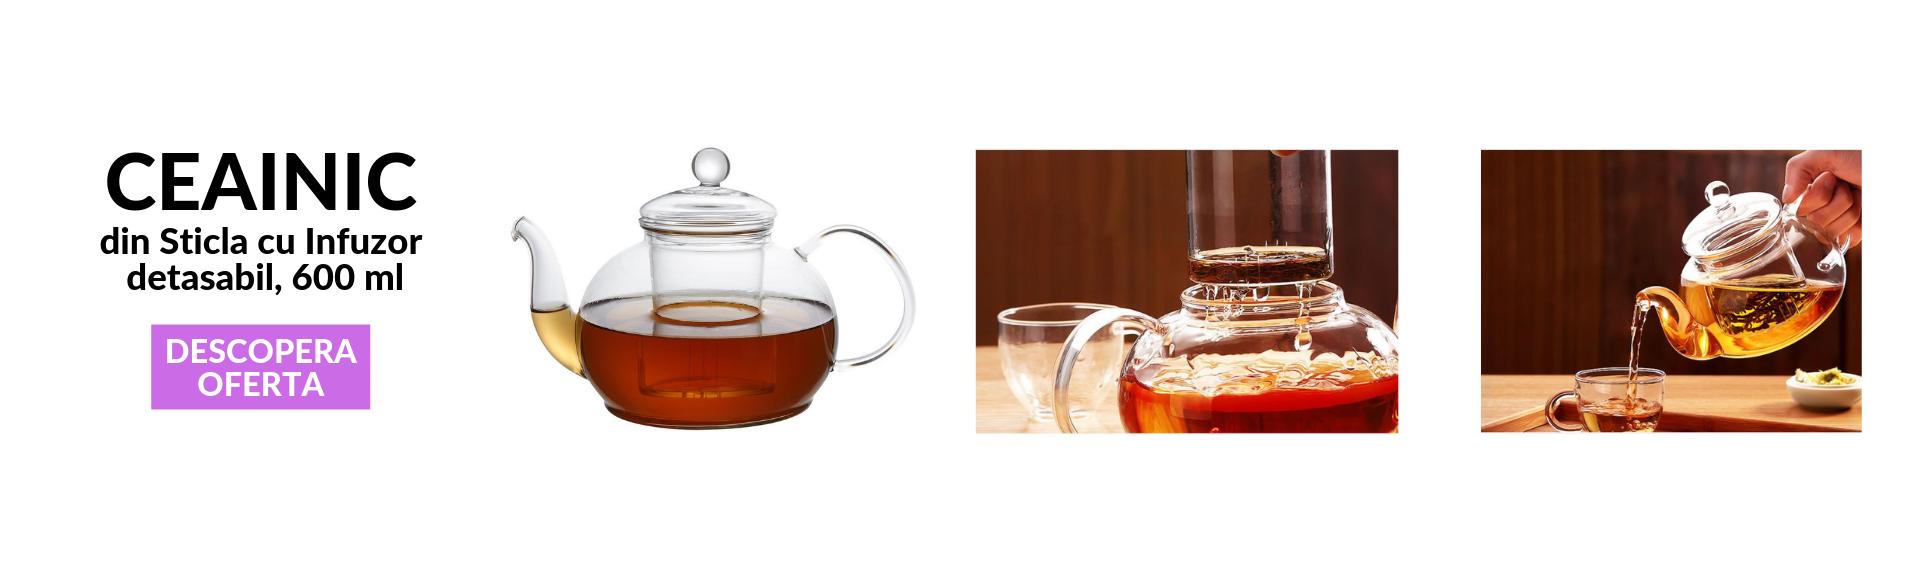 Ceainic din sticla 600 ml